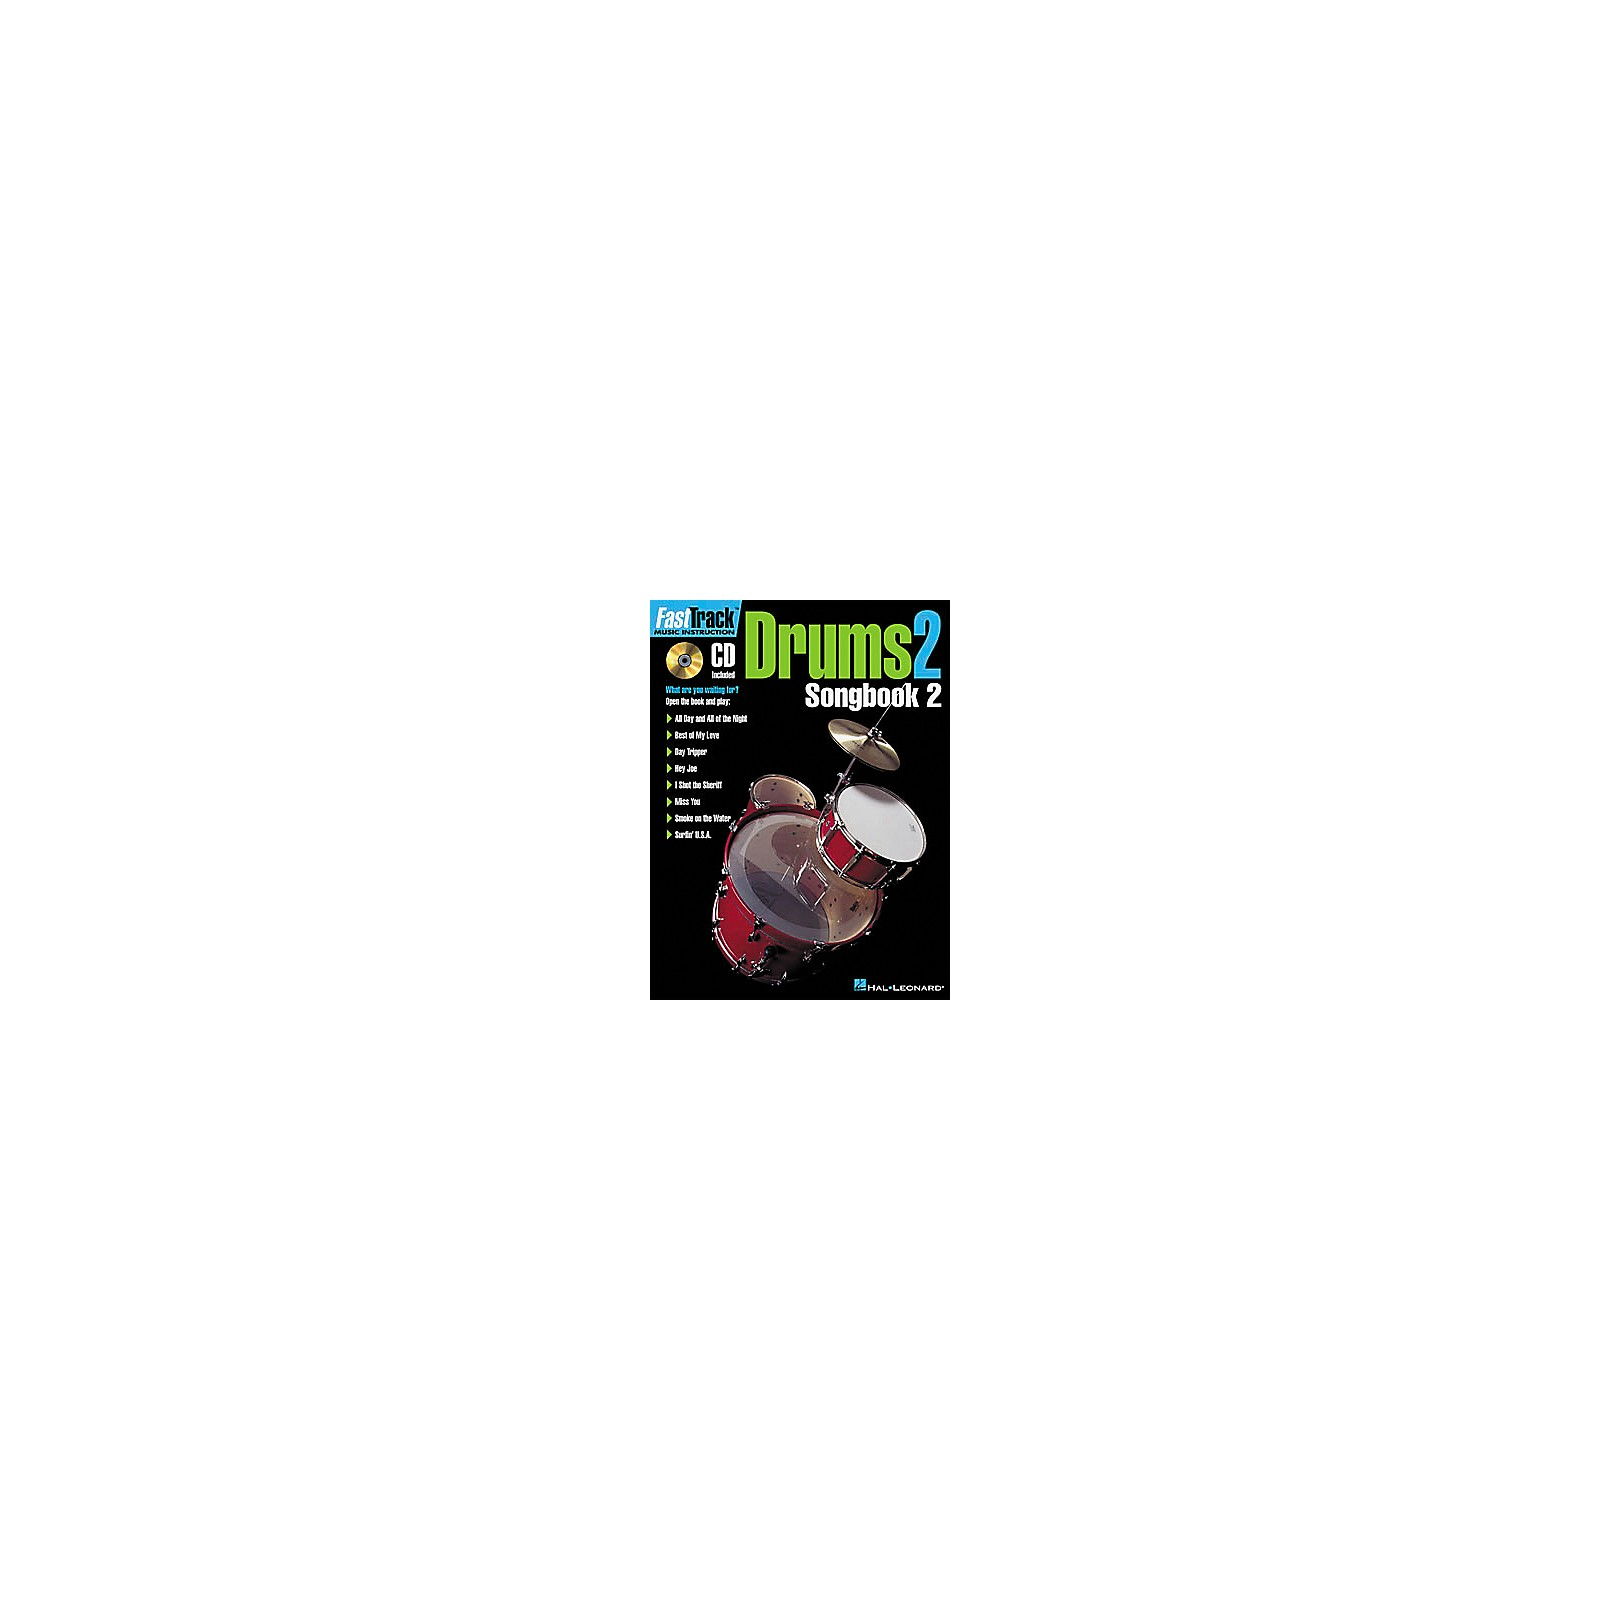 Hal Leonard FastTrack Drums Songbook 2 - Level 2 Book/CD